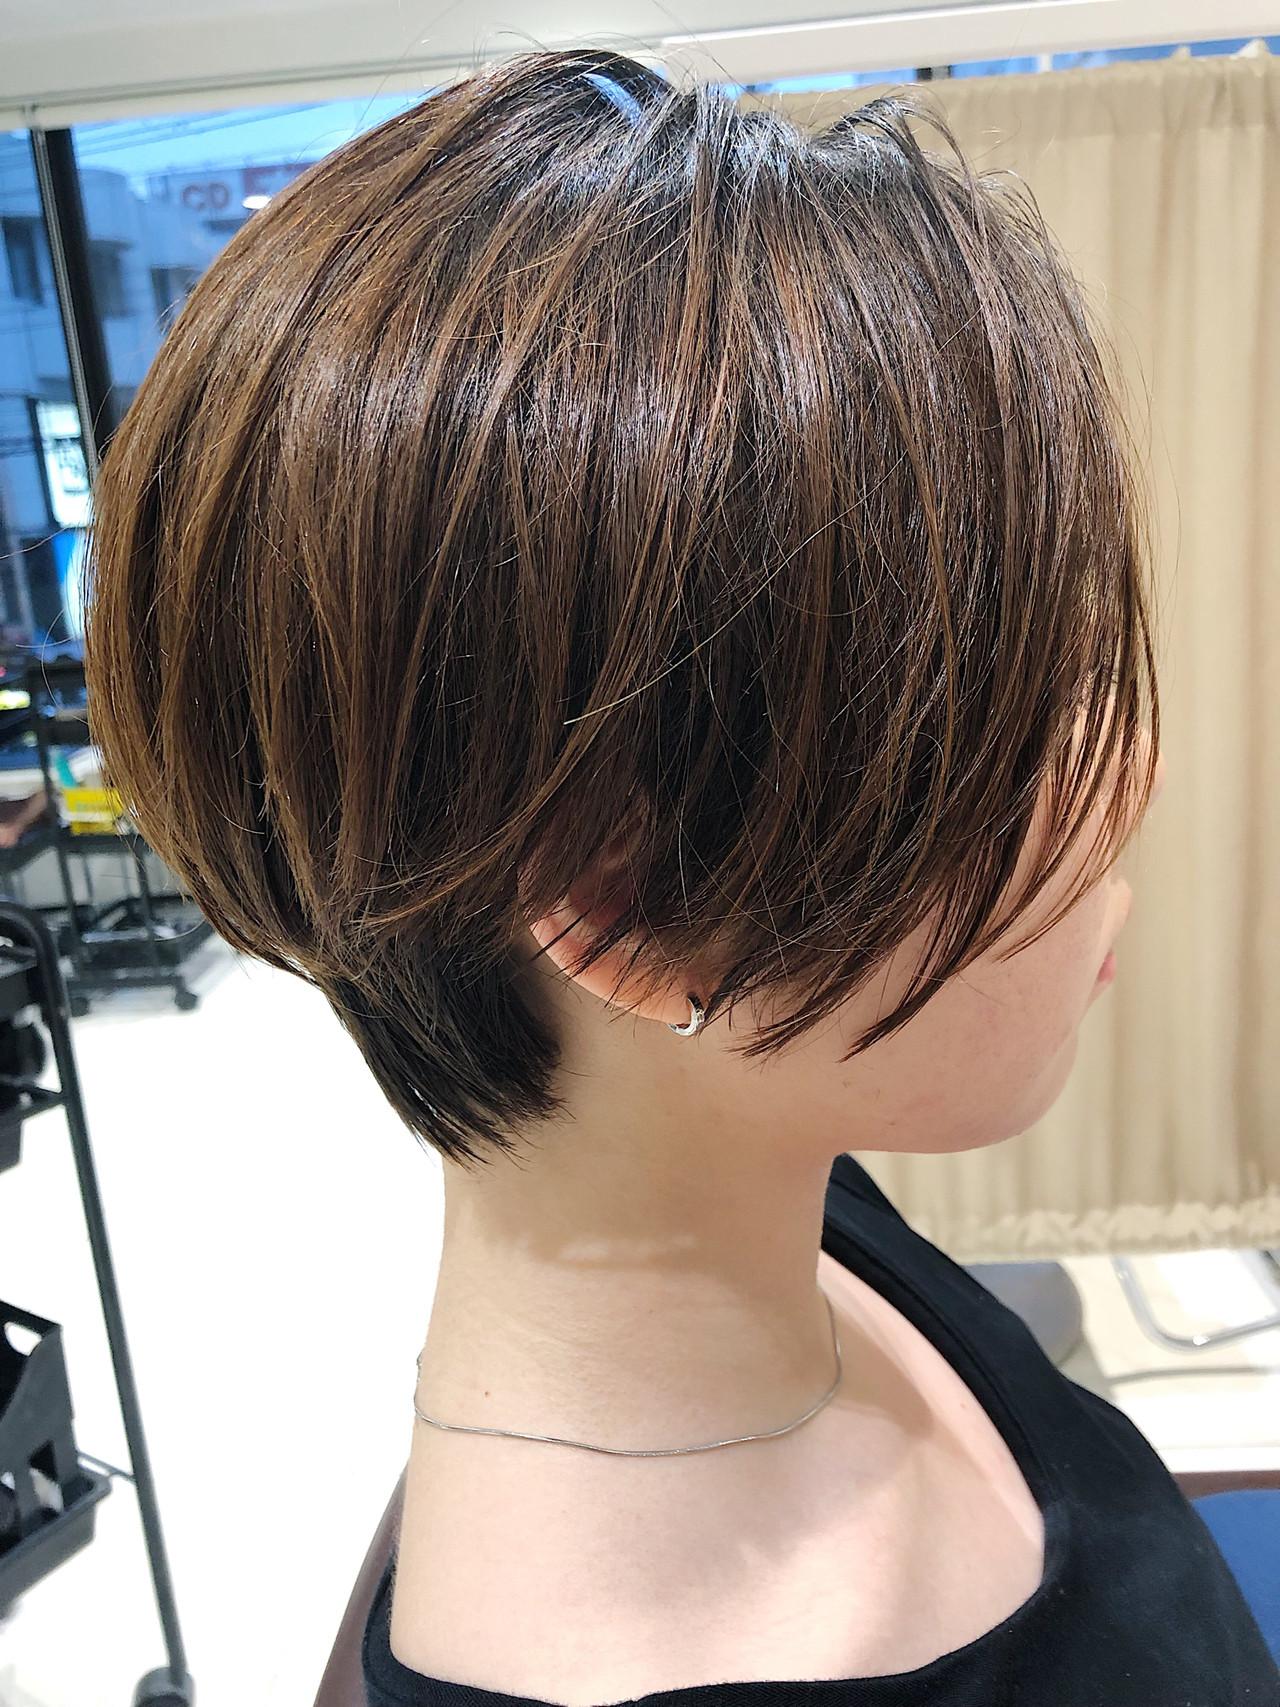 スポーツ ハンサムショート ショート ナチュラル ヘアスタイルや髪型の写真・画像 | 木村 直継 / Ash 東戸塚